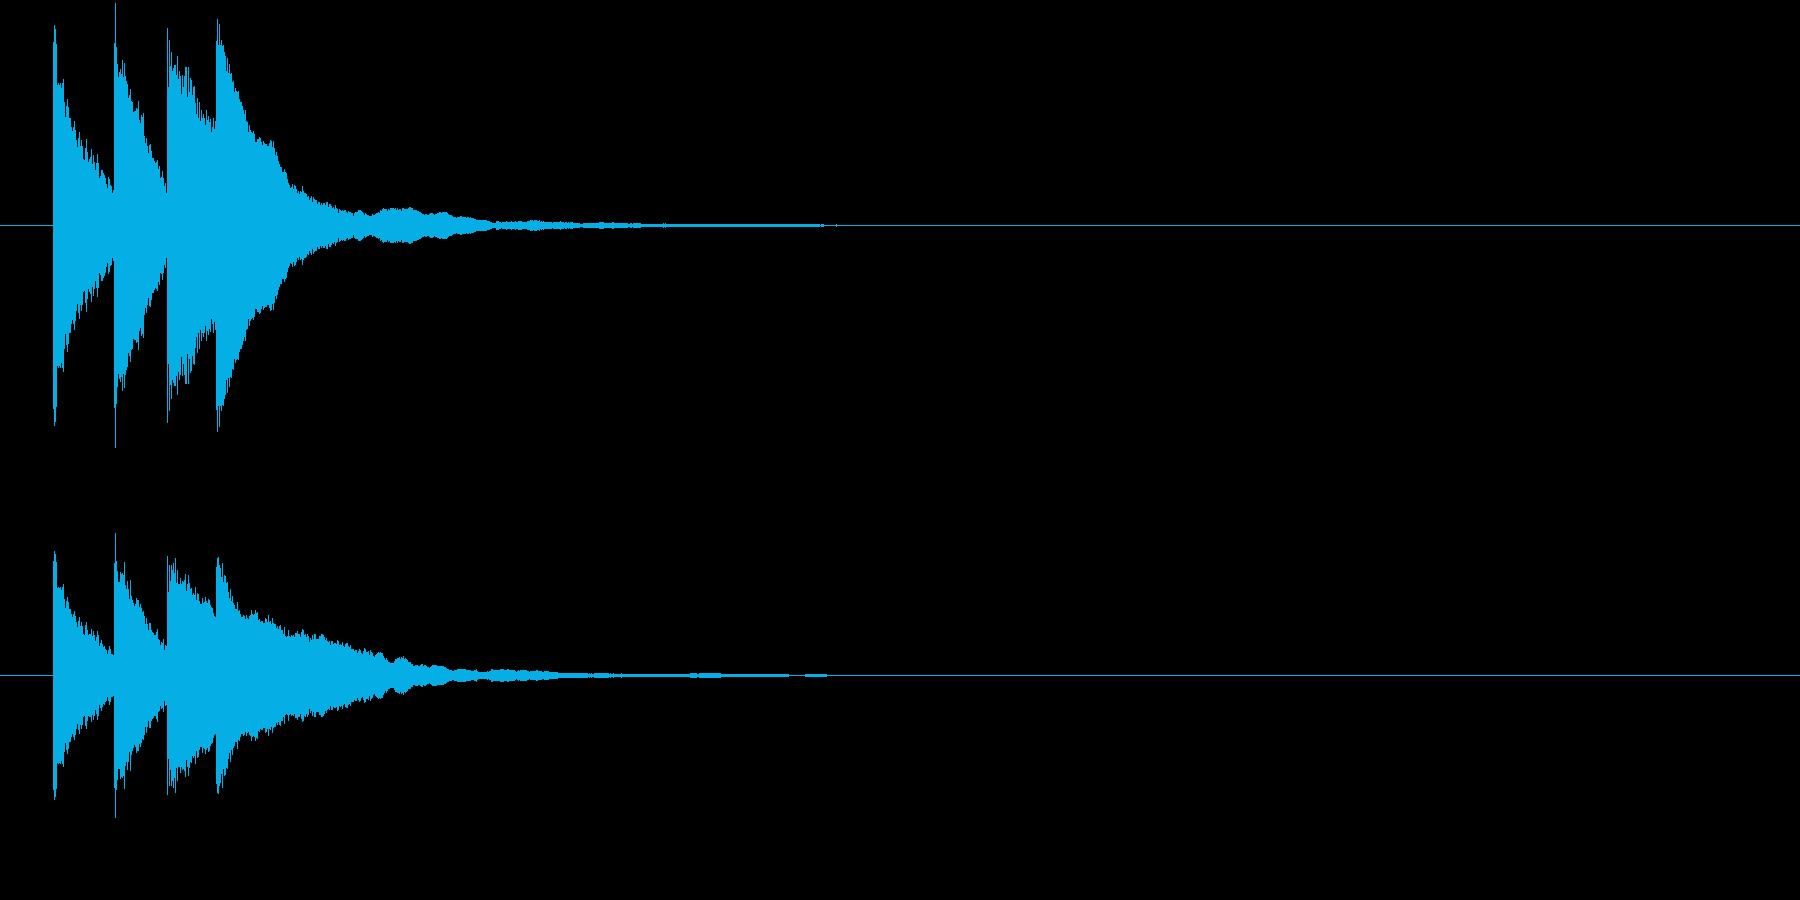 キラリン キラキラ 星 グロッケン の再生済みの波形